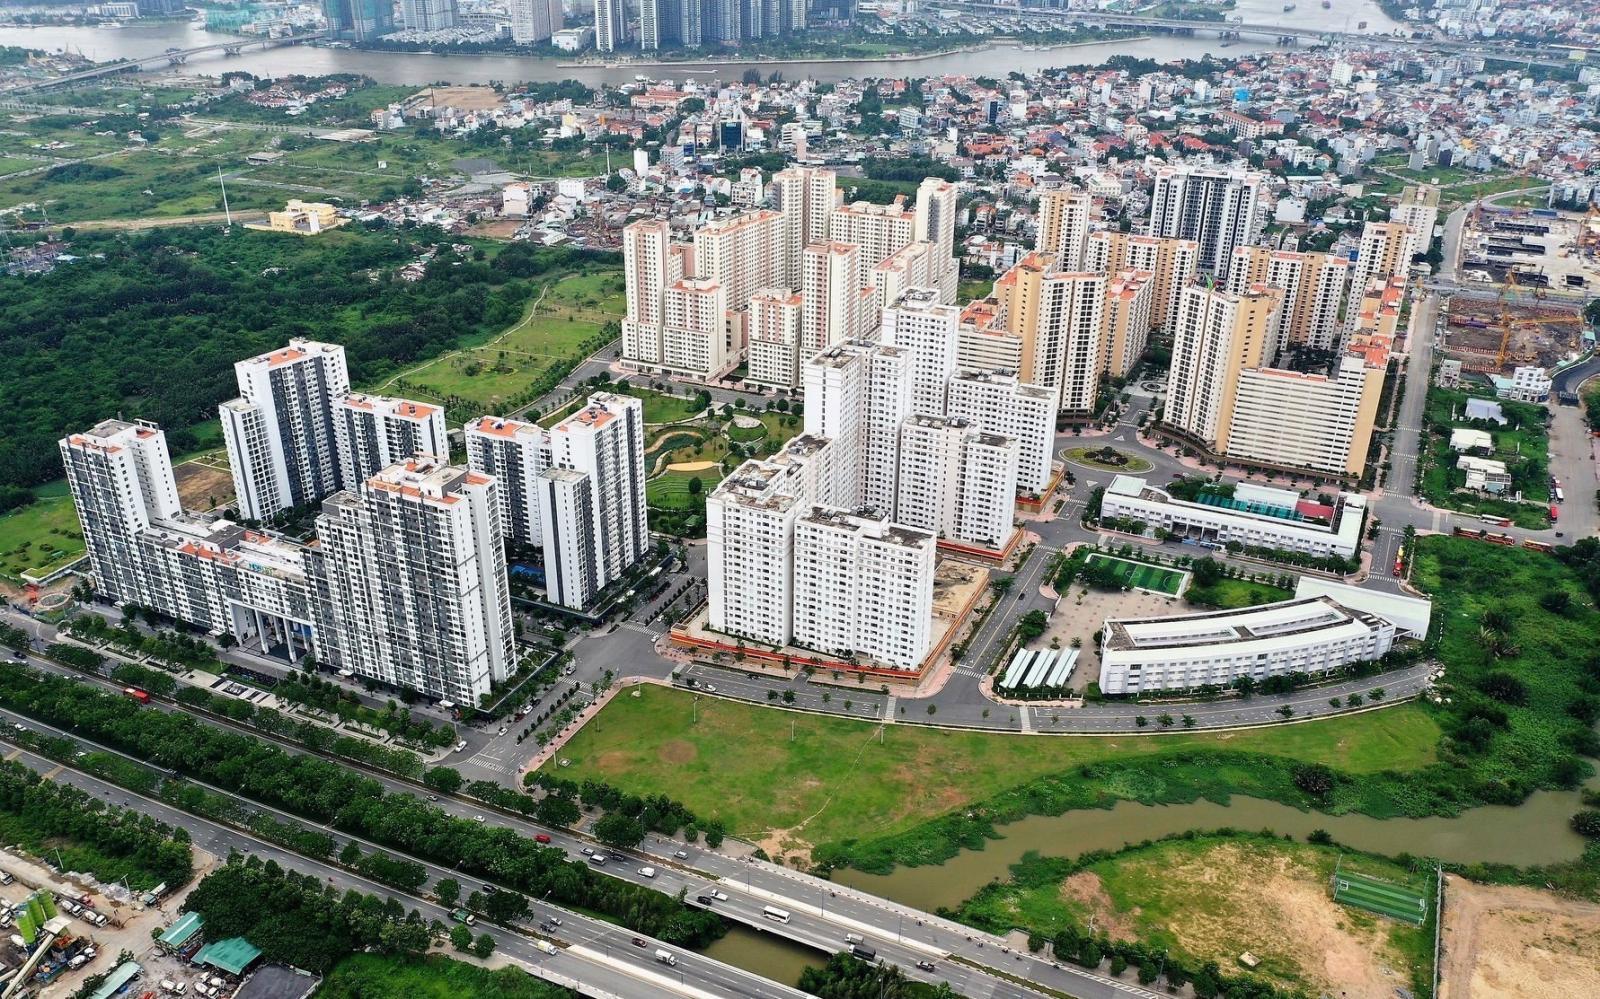 nhiều toà nhà cao tầng trong thành phố